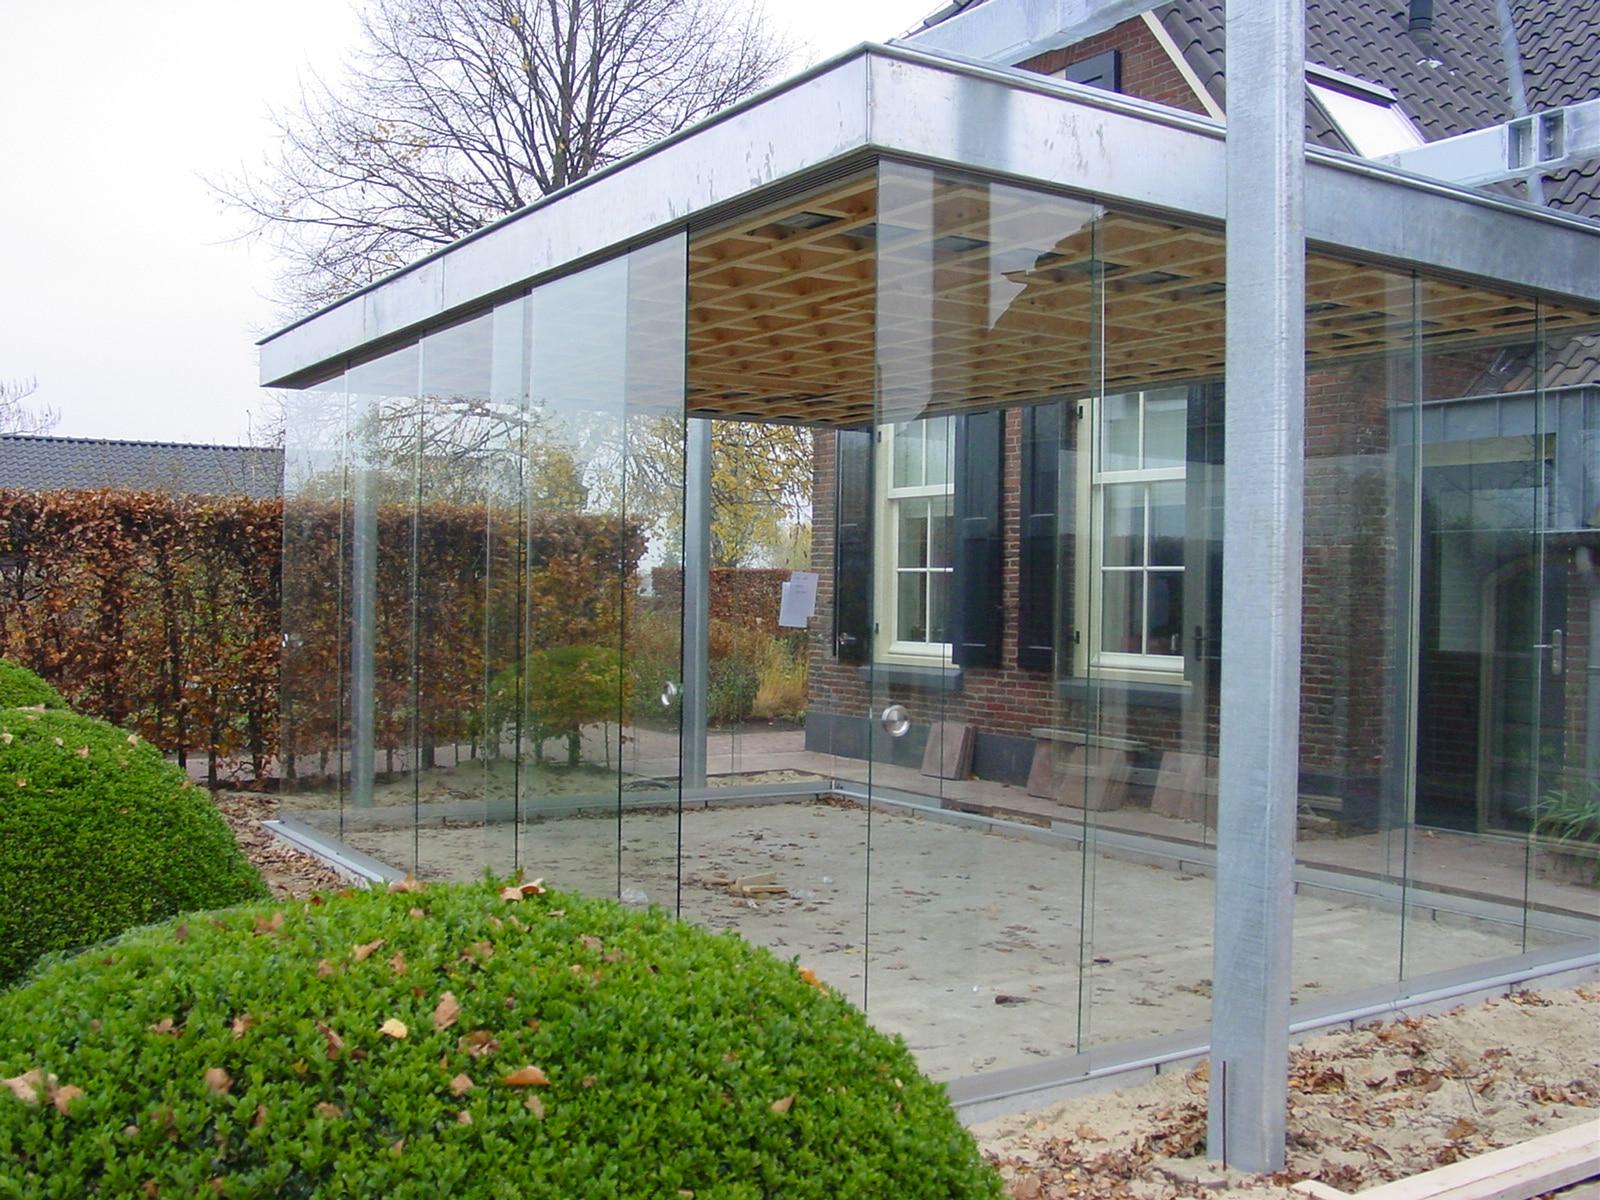 Glasschiebetüre in bauseitig montierter Stahlkonstruktion